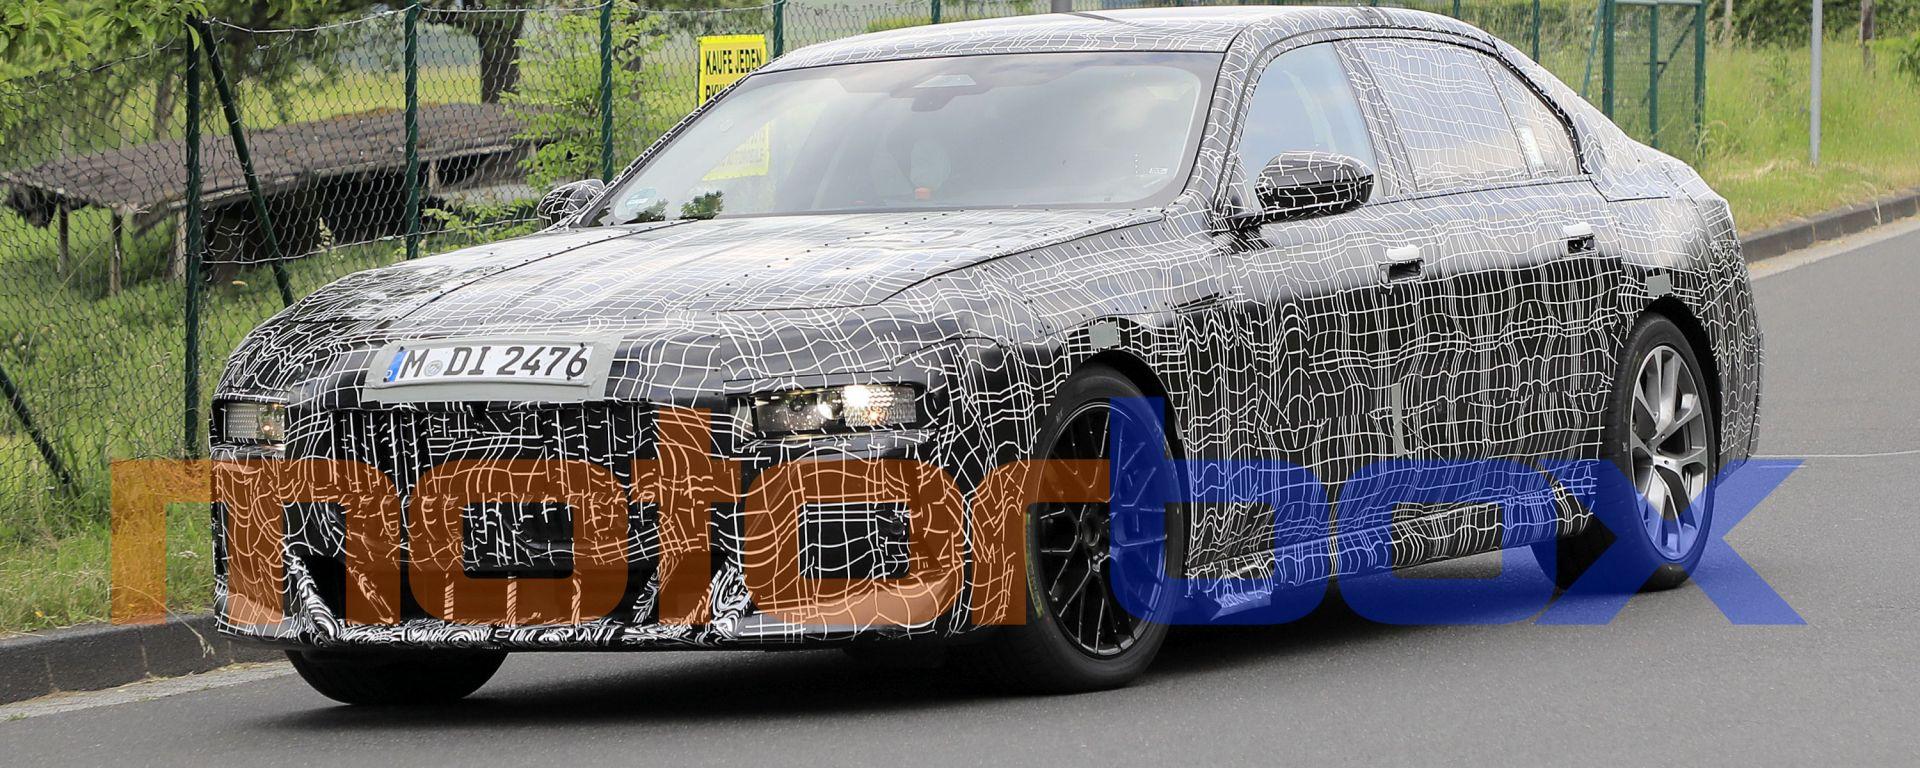 BMW Serie 7: arriverà nel 2022 la nuova maxi-berlina tedesca?